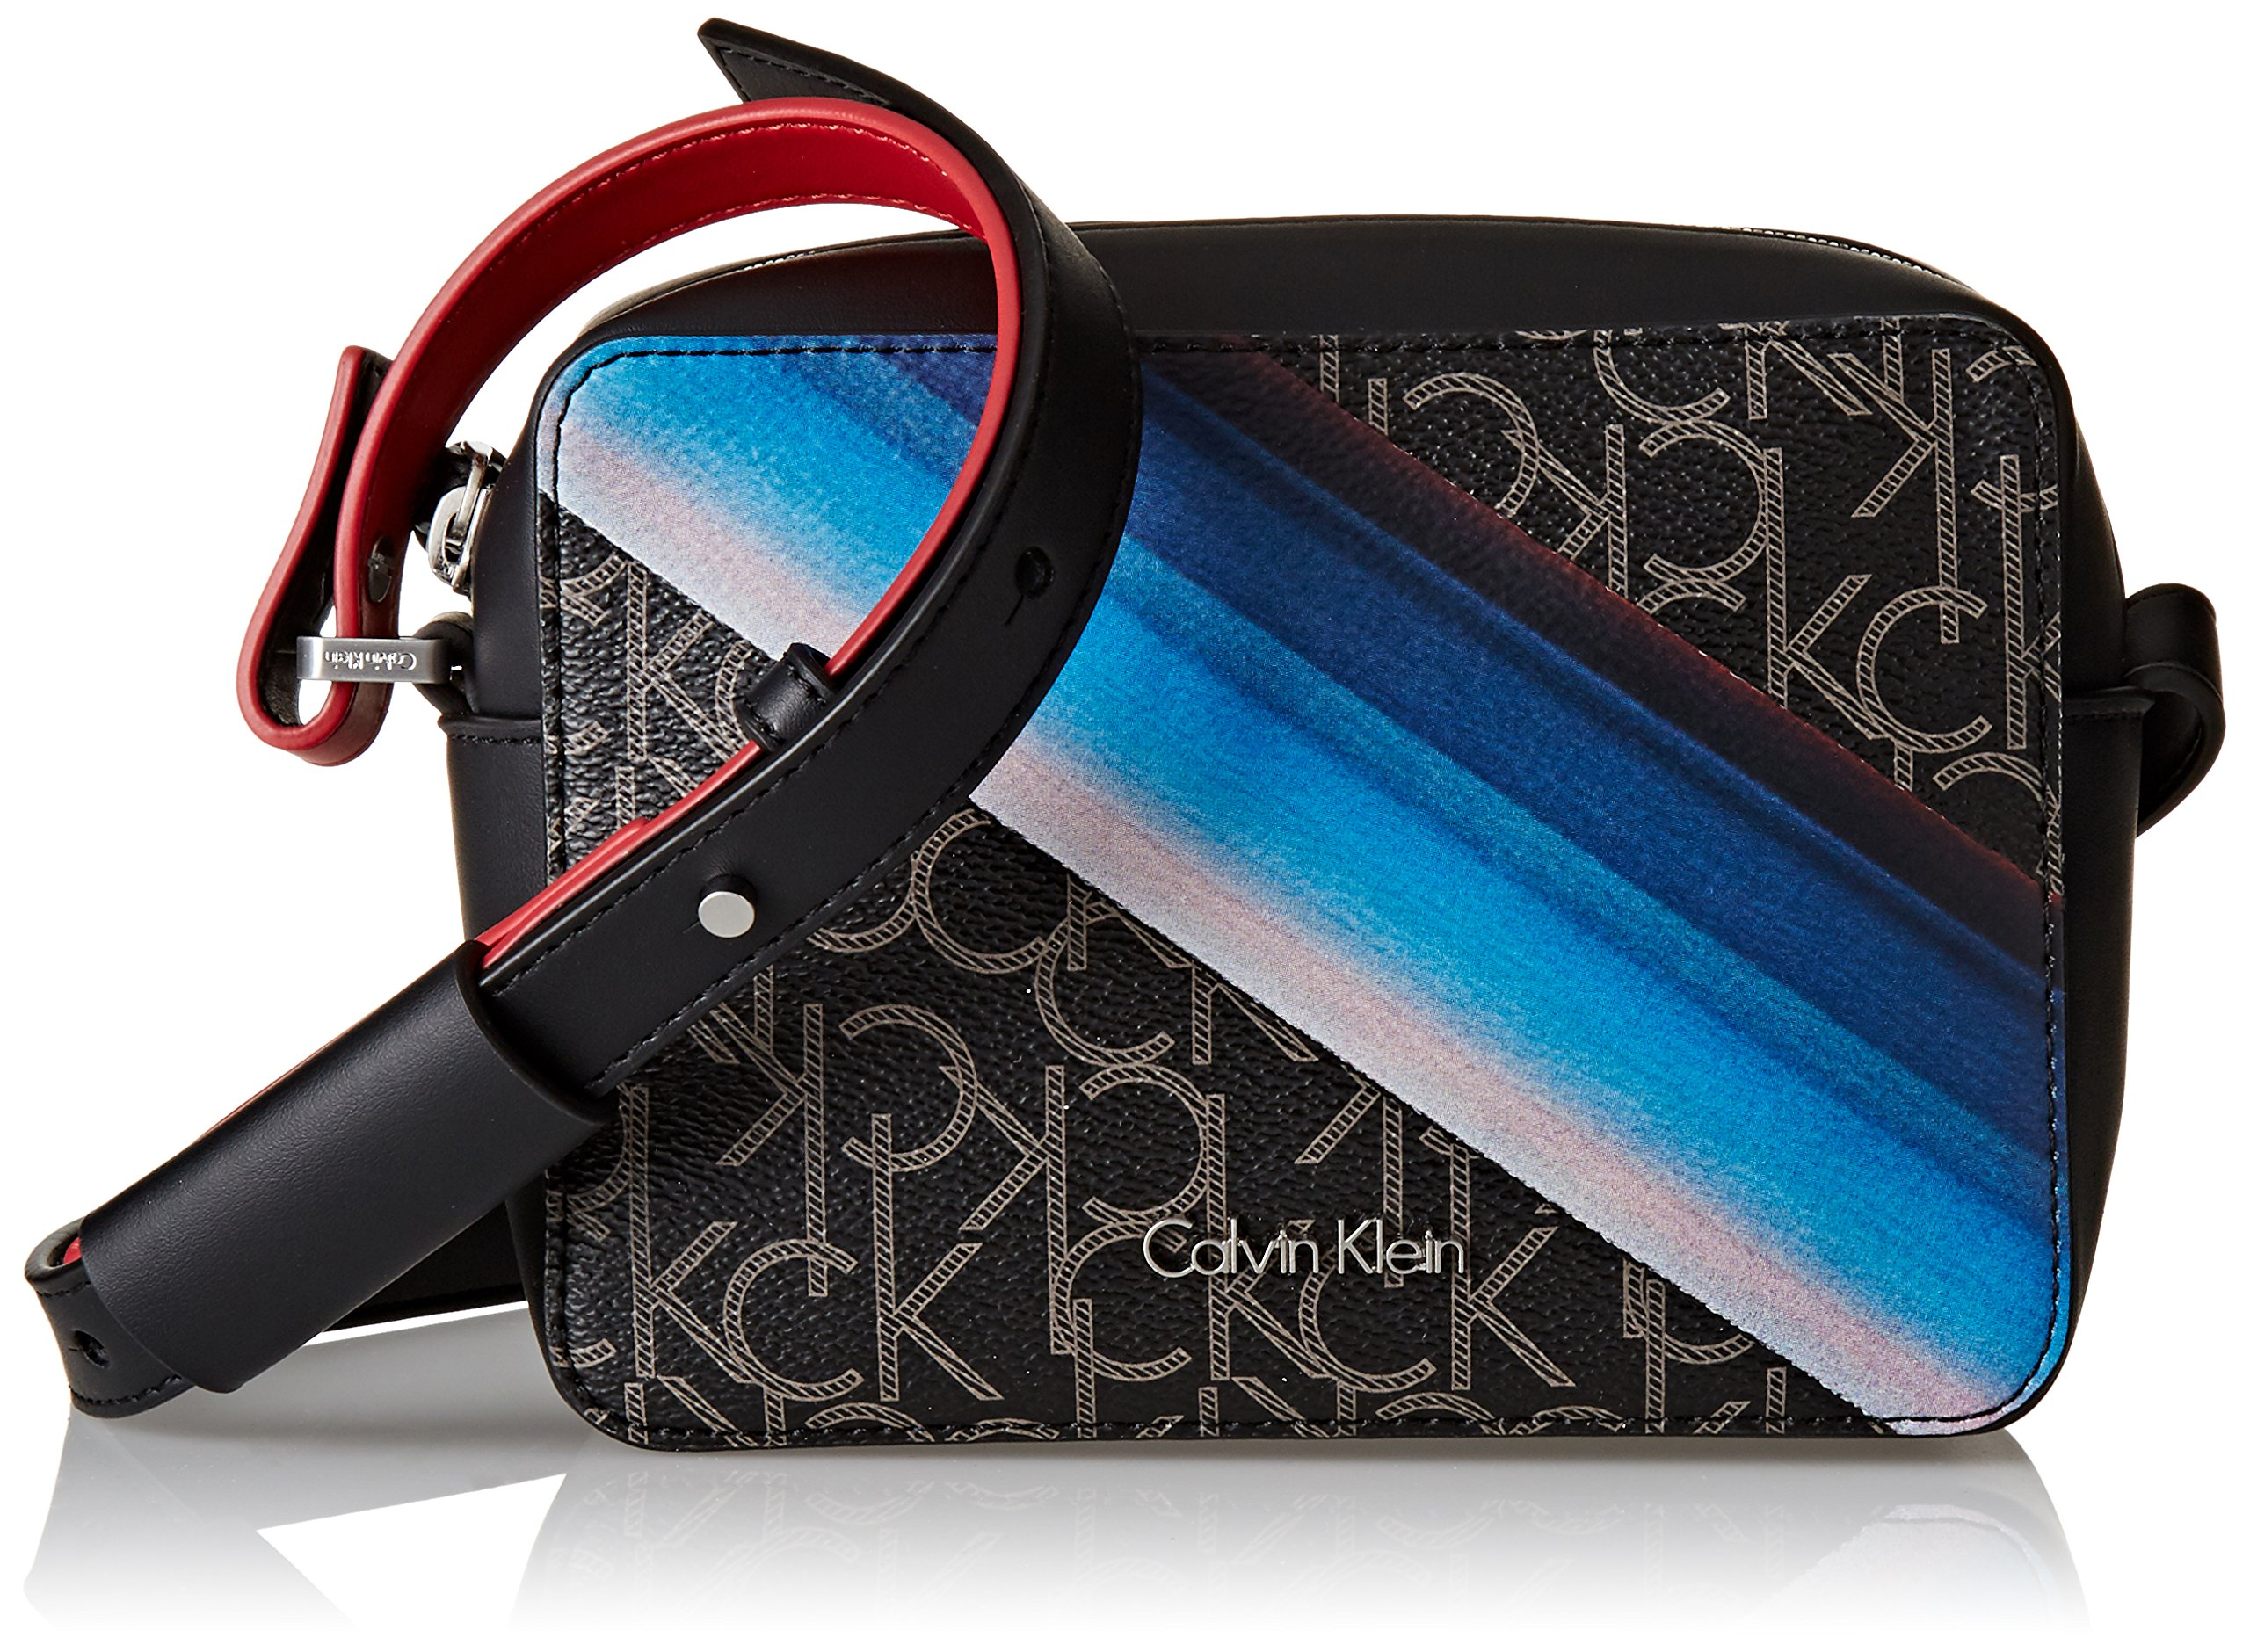 Bandoulière FemmeNoir Tin4 X13 Cmb Small Black7 Calvin Klein X H T CrossbodySacs Jeans X17 gyY7vfb6